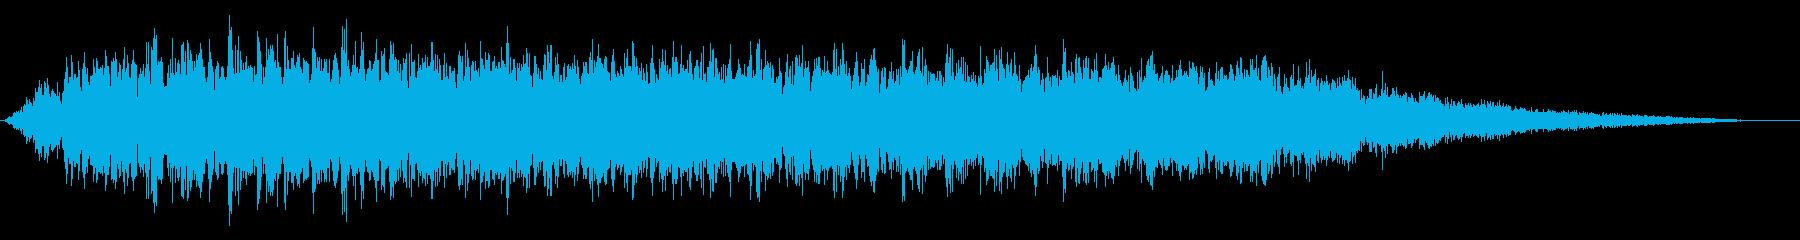 【ダークアンビエント】ホラーBGM_03の再生済みの波形